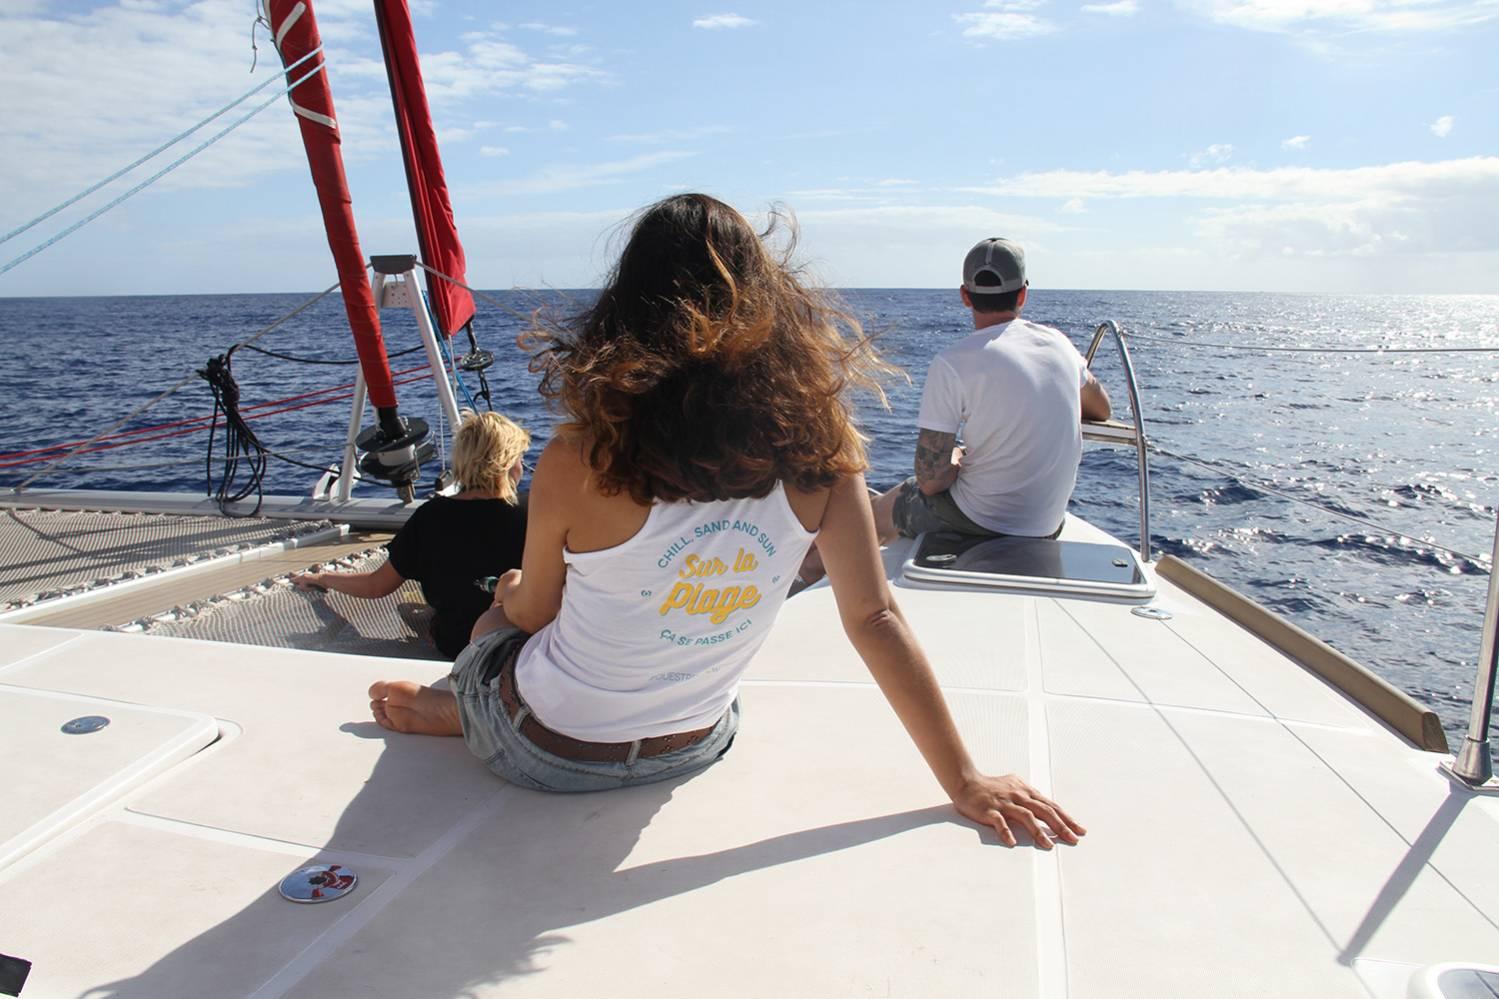 Balade en catamaran sur l'océan indien à l'Ile de la Réunion 974